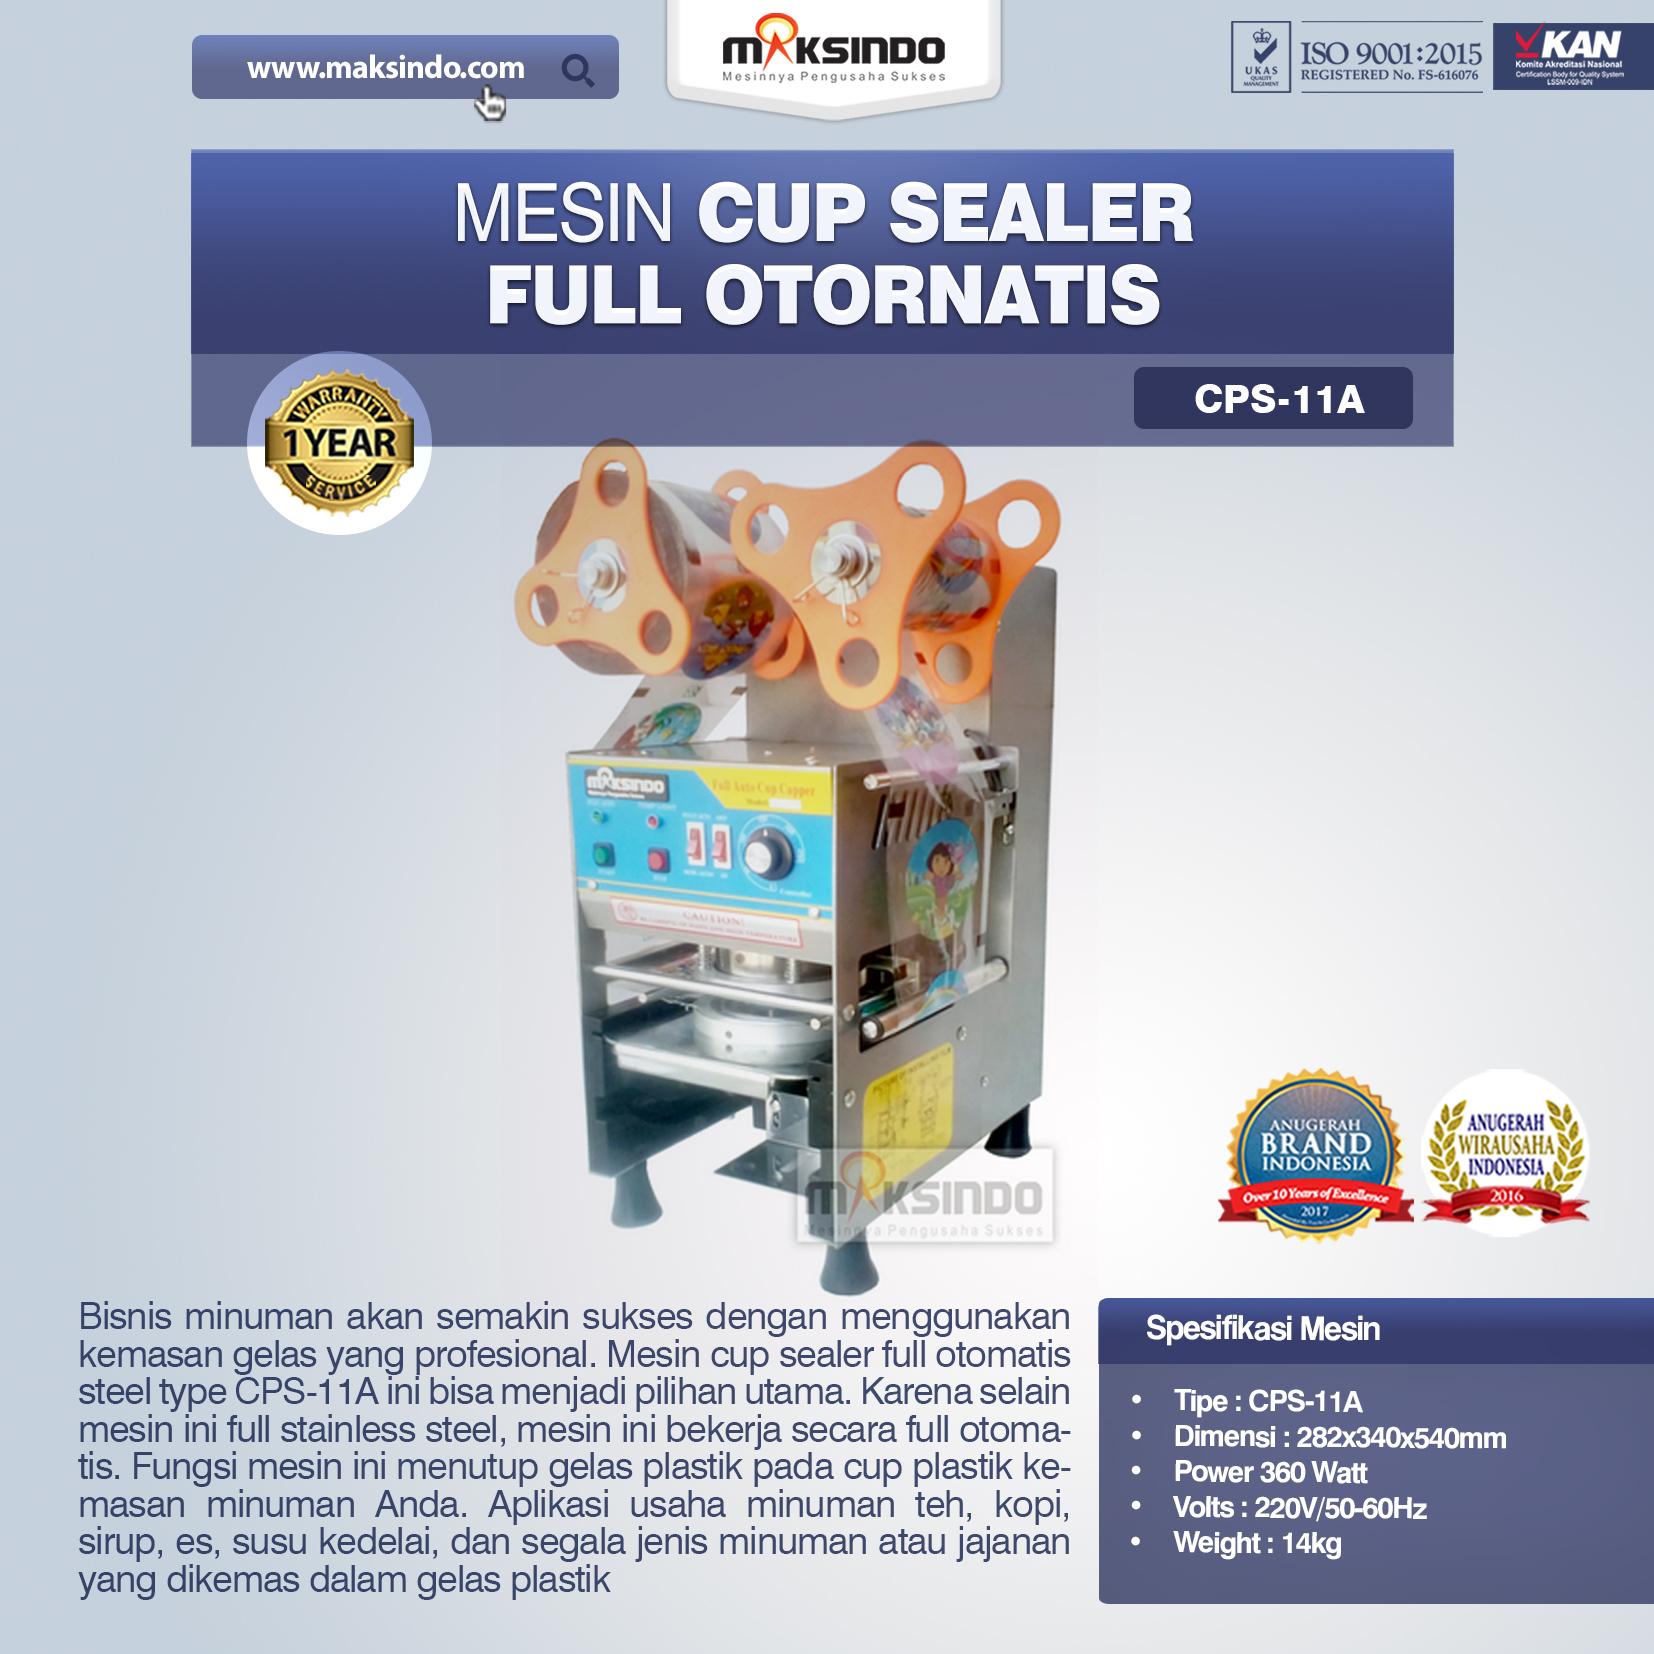 Jual Mesin Cup Sealer Full Otomatis (CPS-11A) di Medan